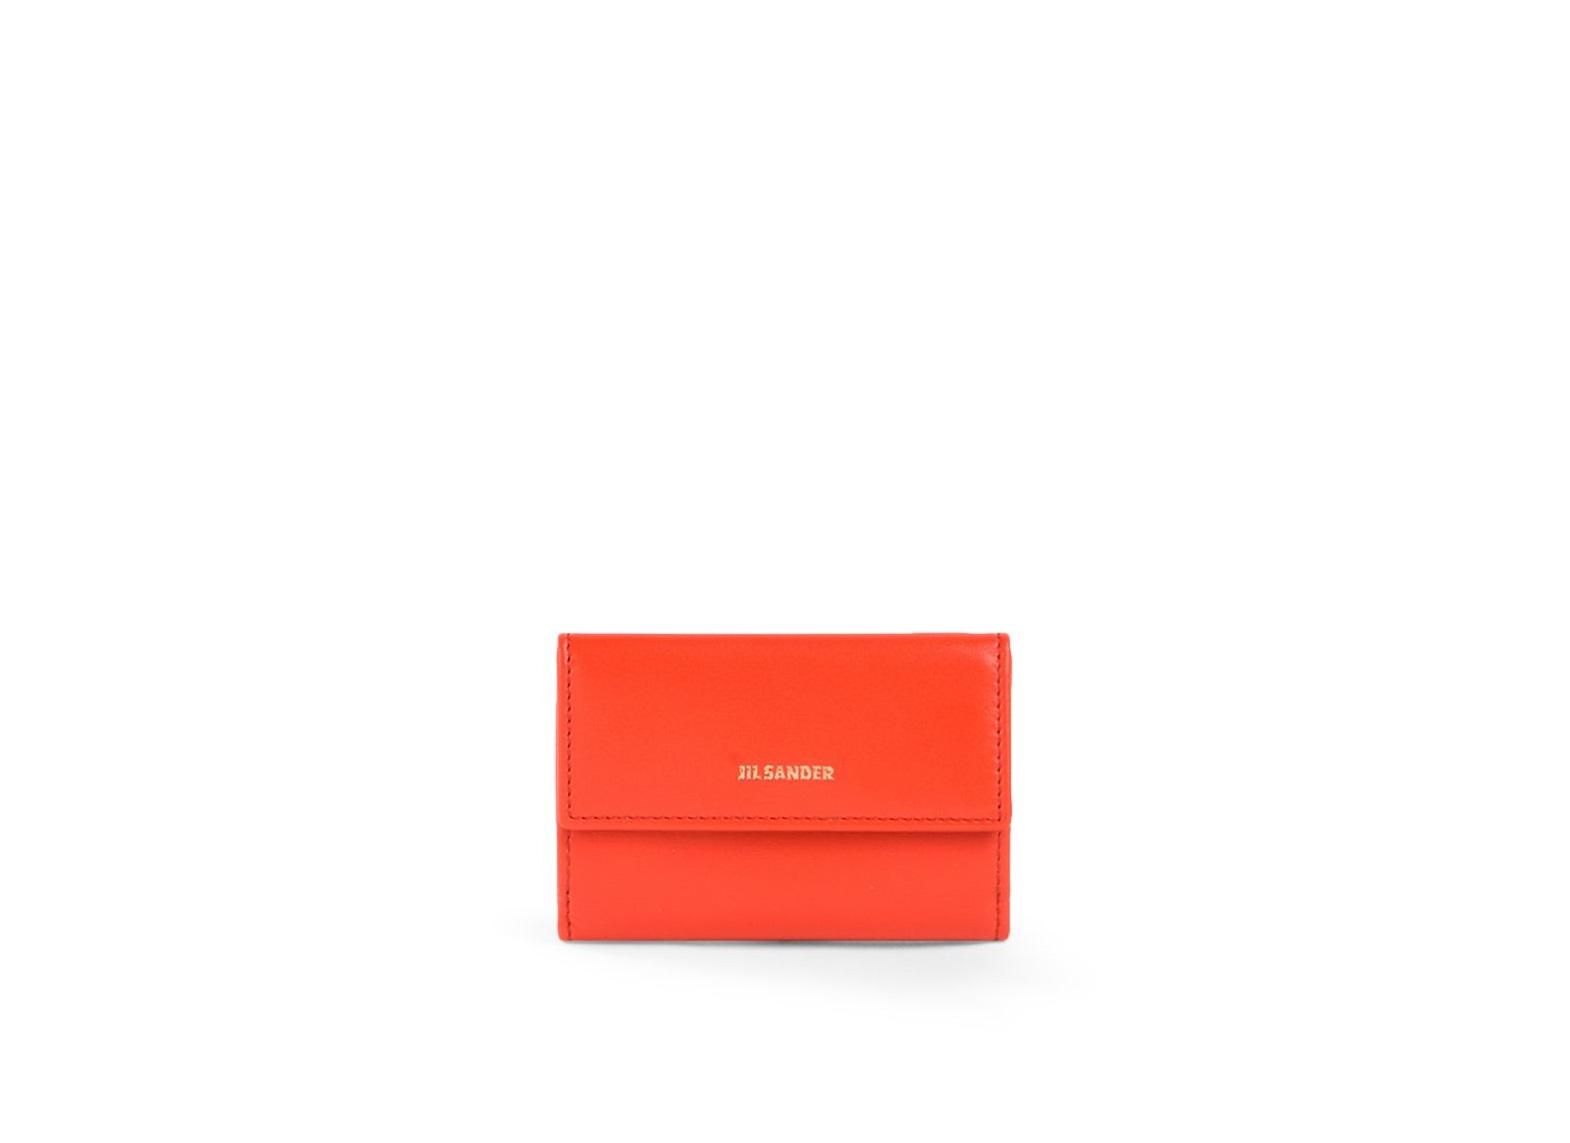 Jil Sander(ジルサンダー) 三つ折り財布